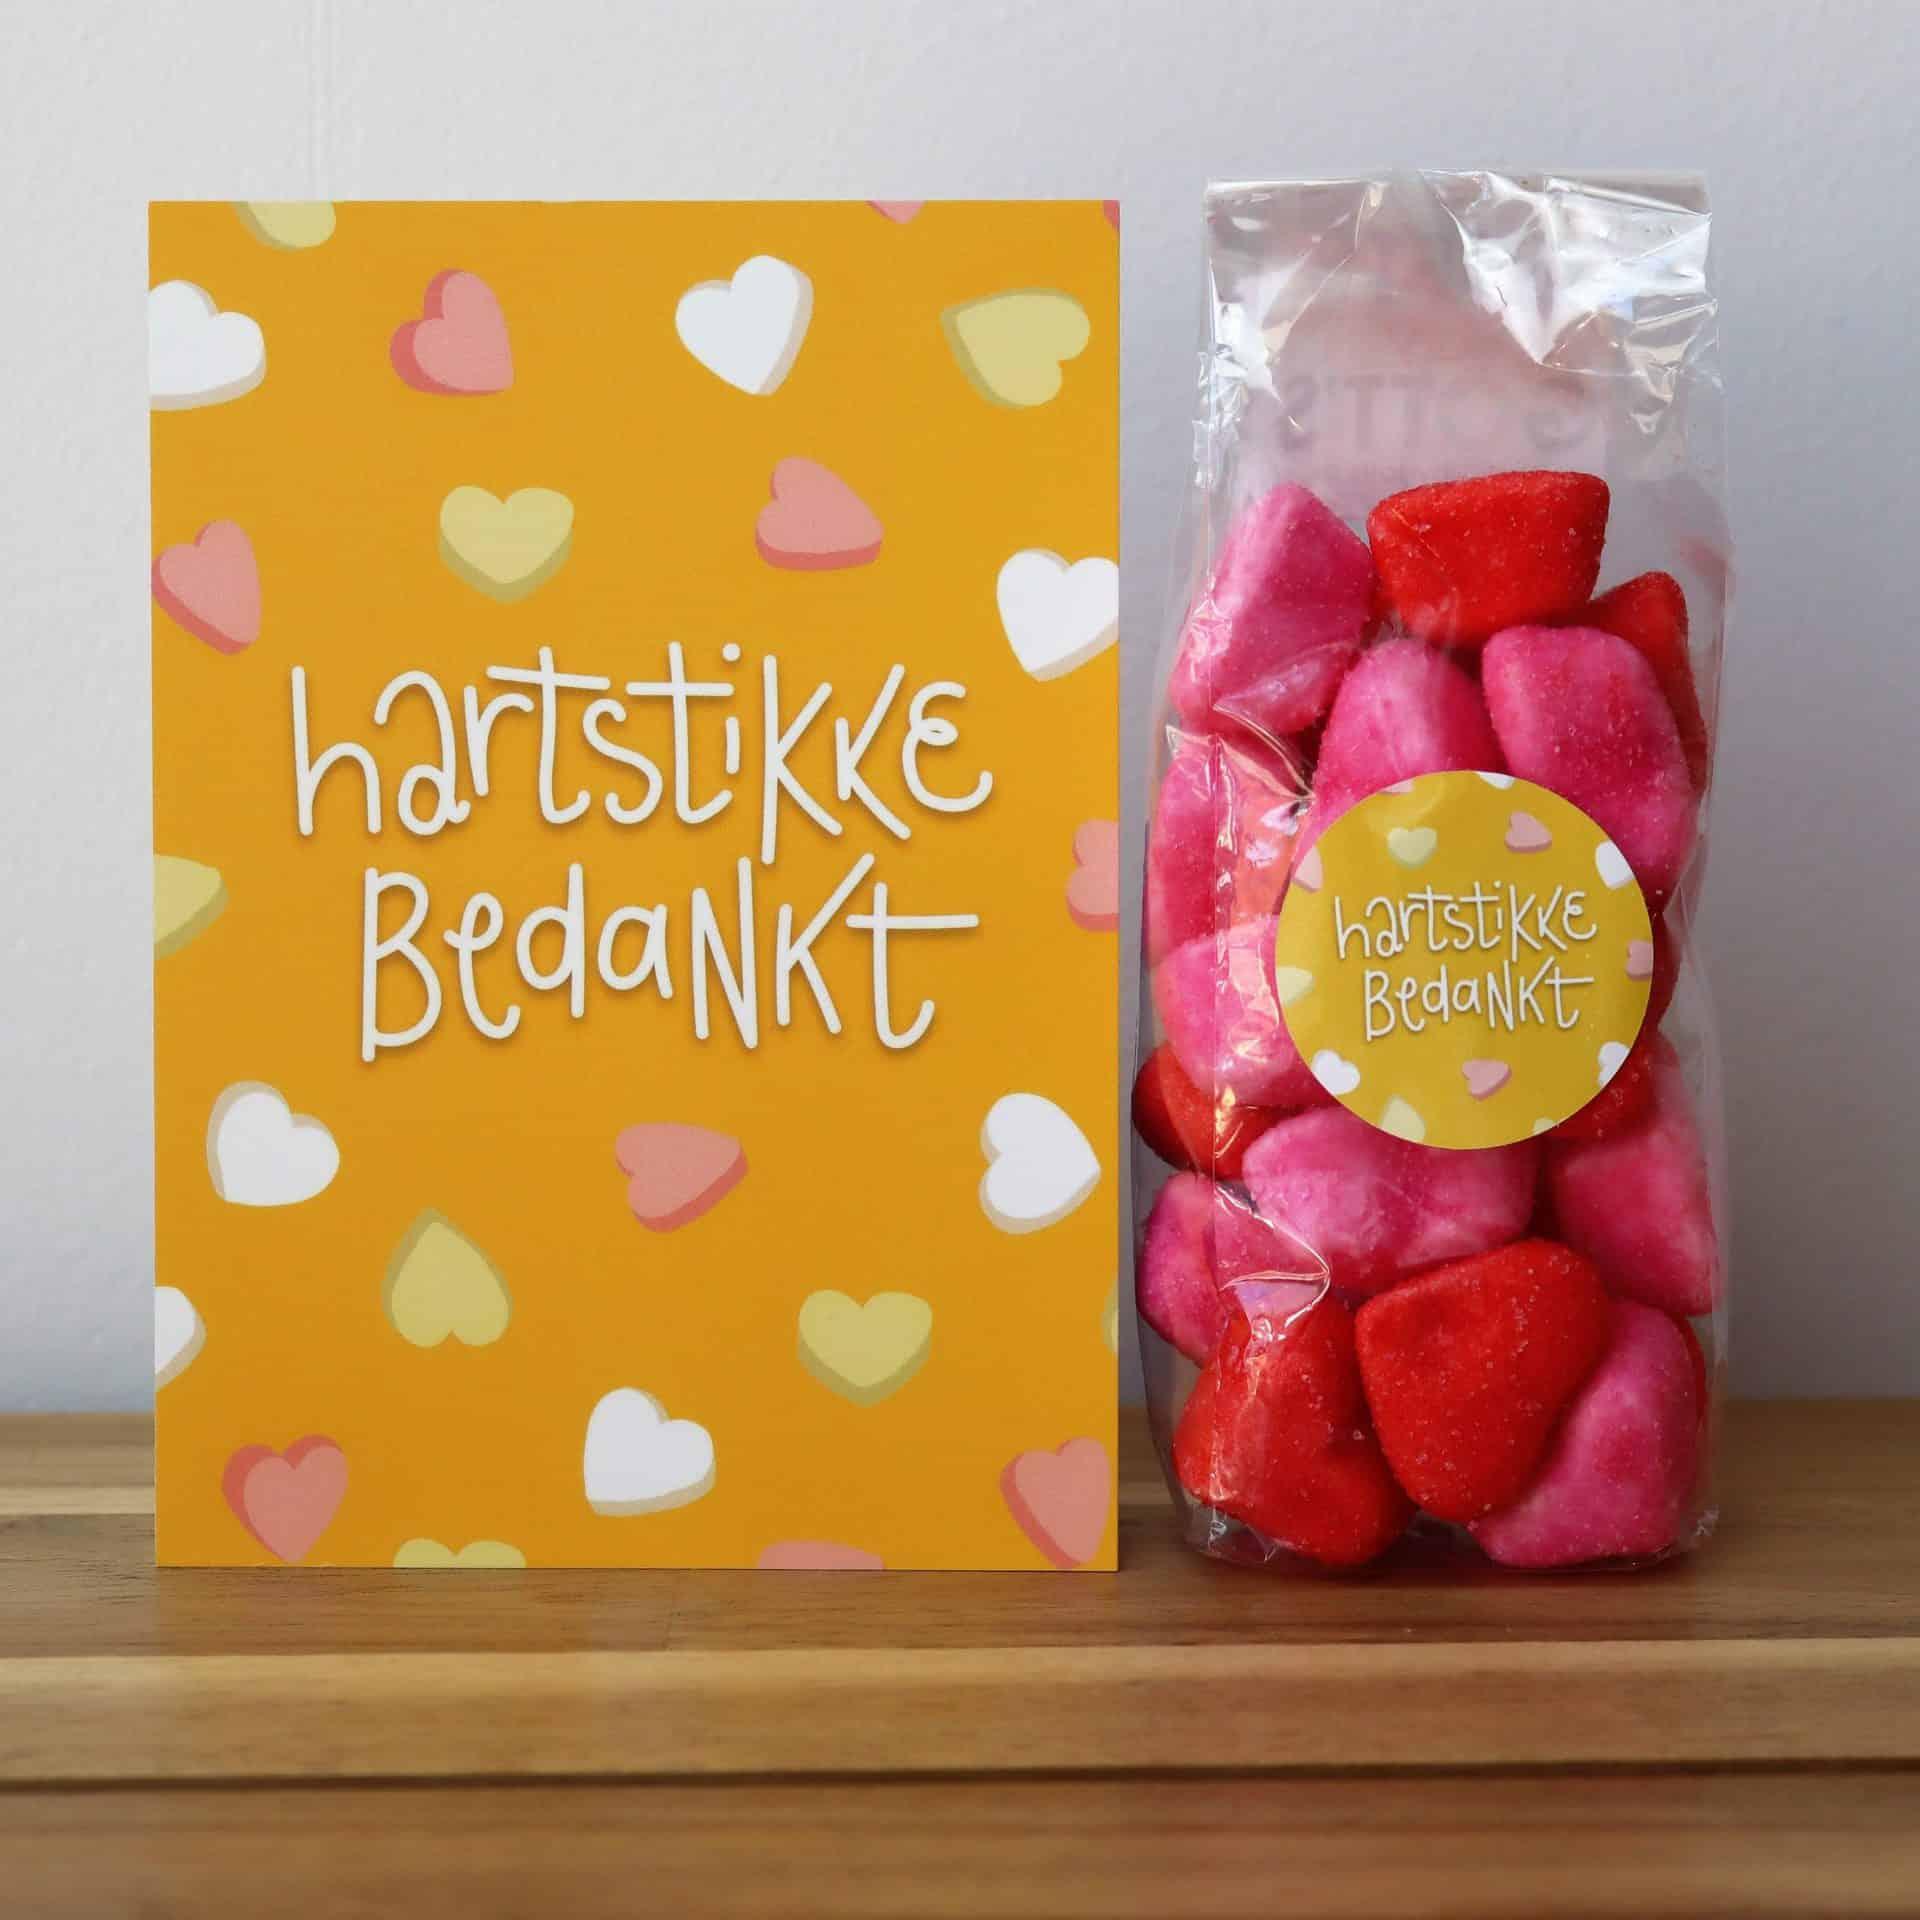 hartstikke-bedankt-hartjes-snoep-haribo-GÖTT'S